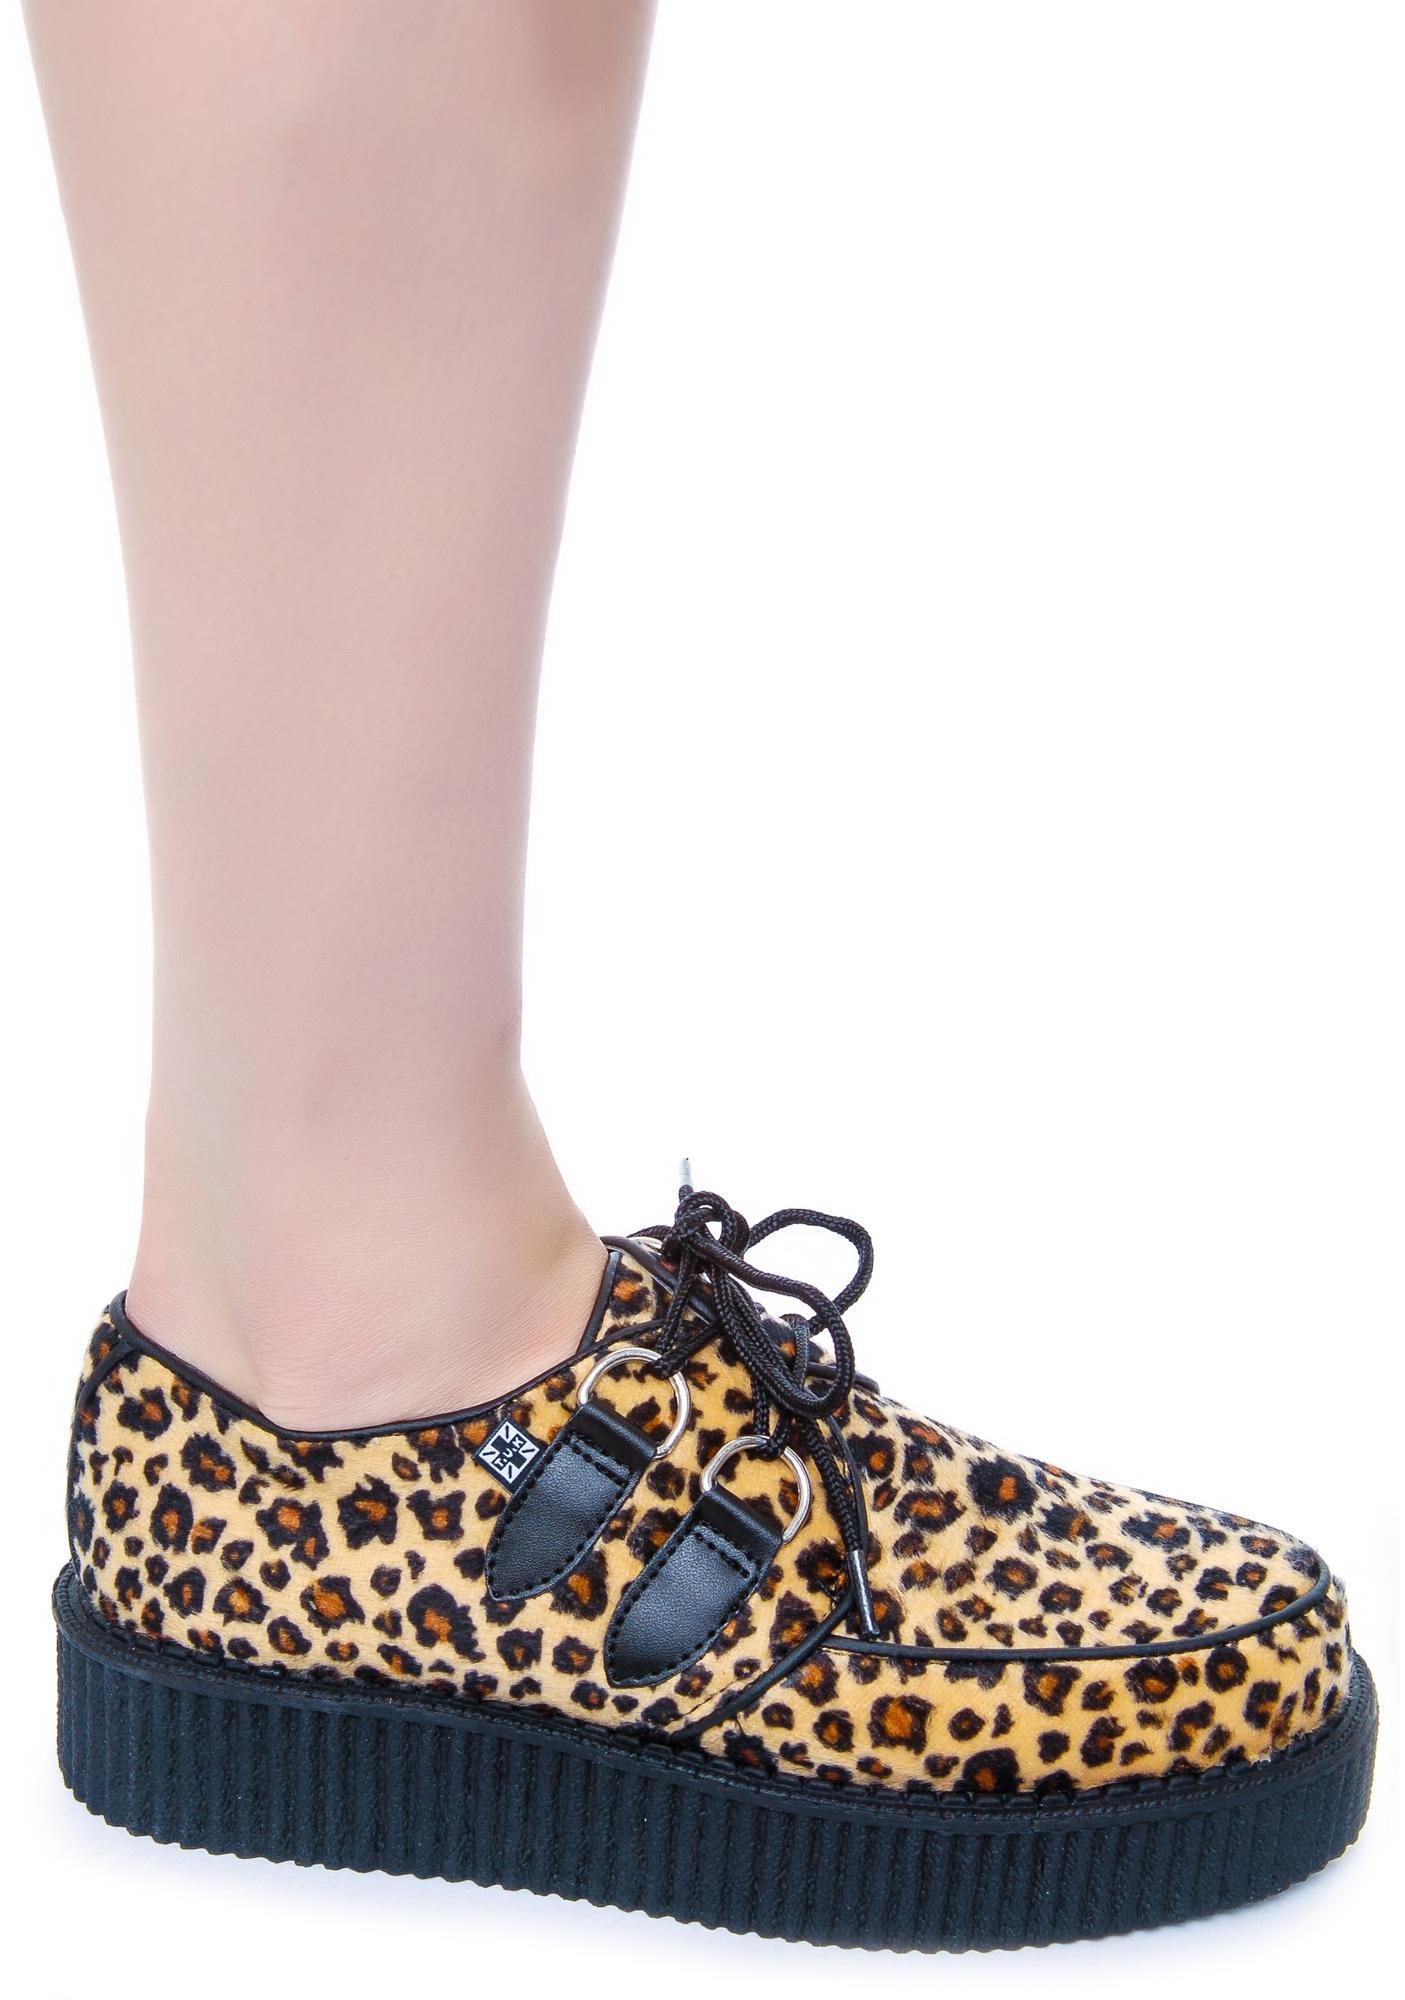 T.U.K. Leopard Round Low Creeper